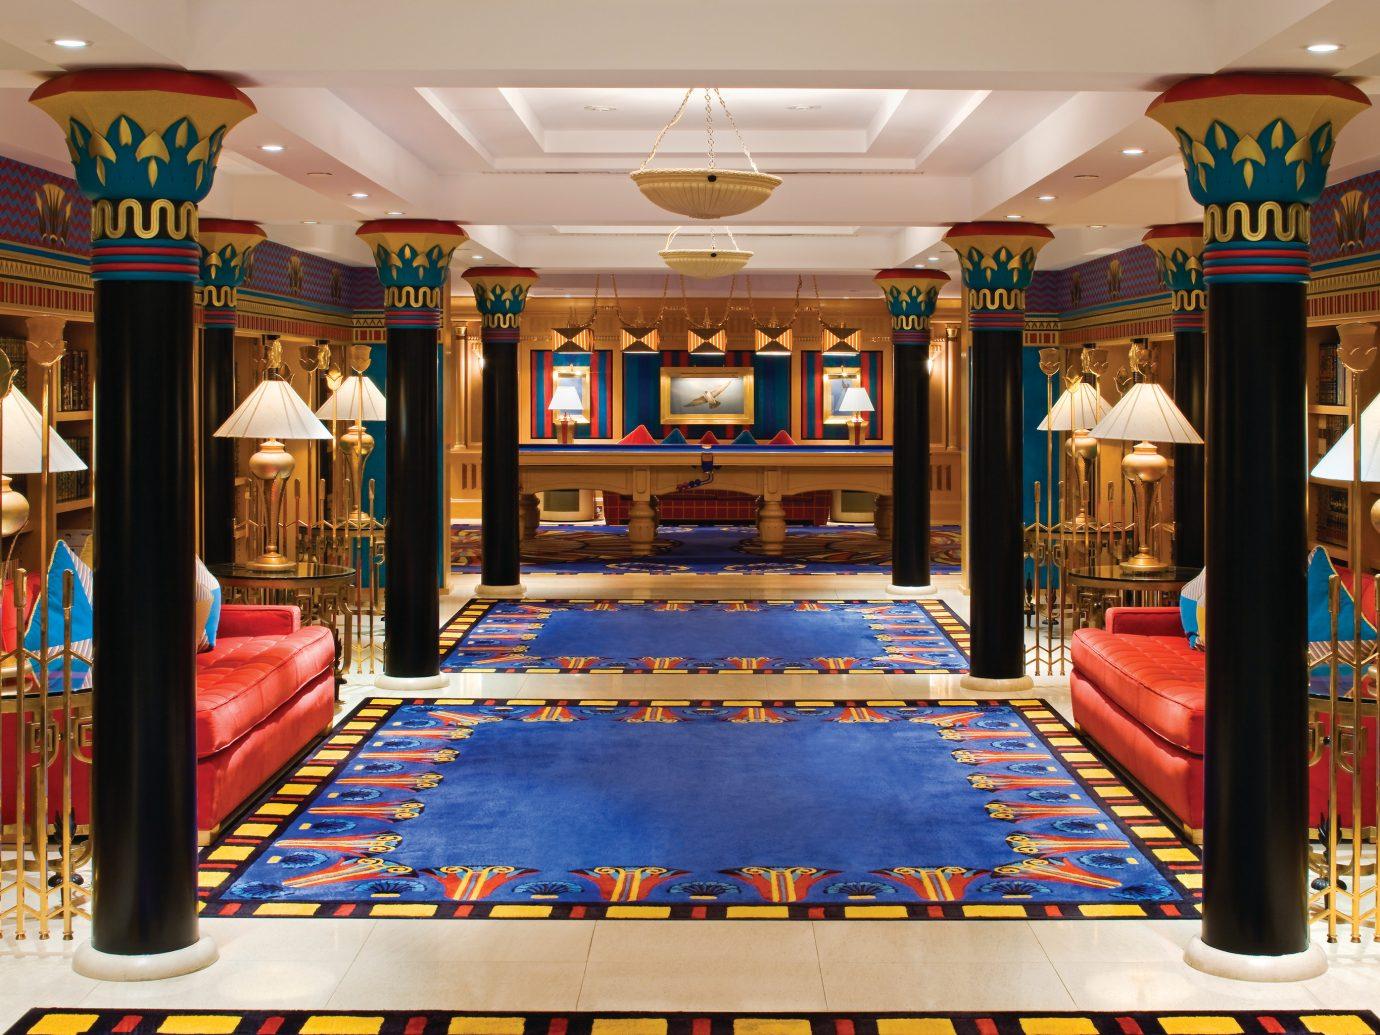 Lobby at Burj al Arab, Dubai